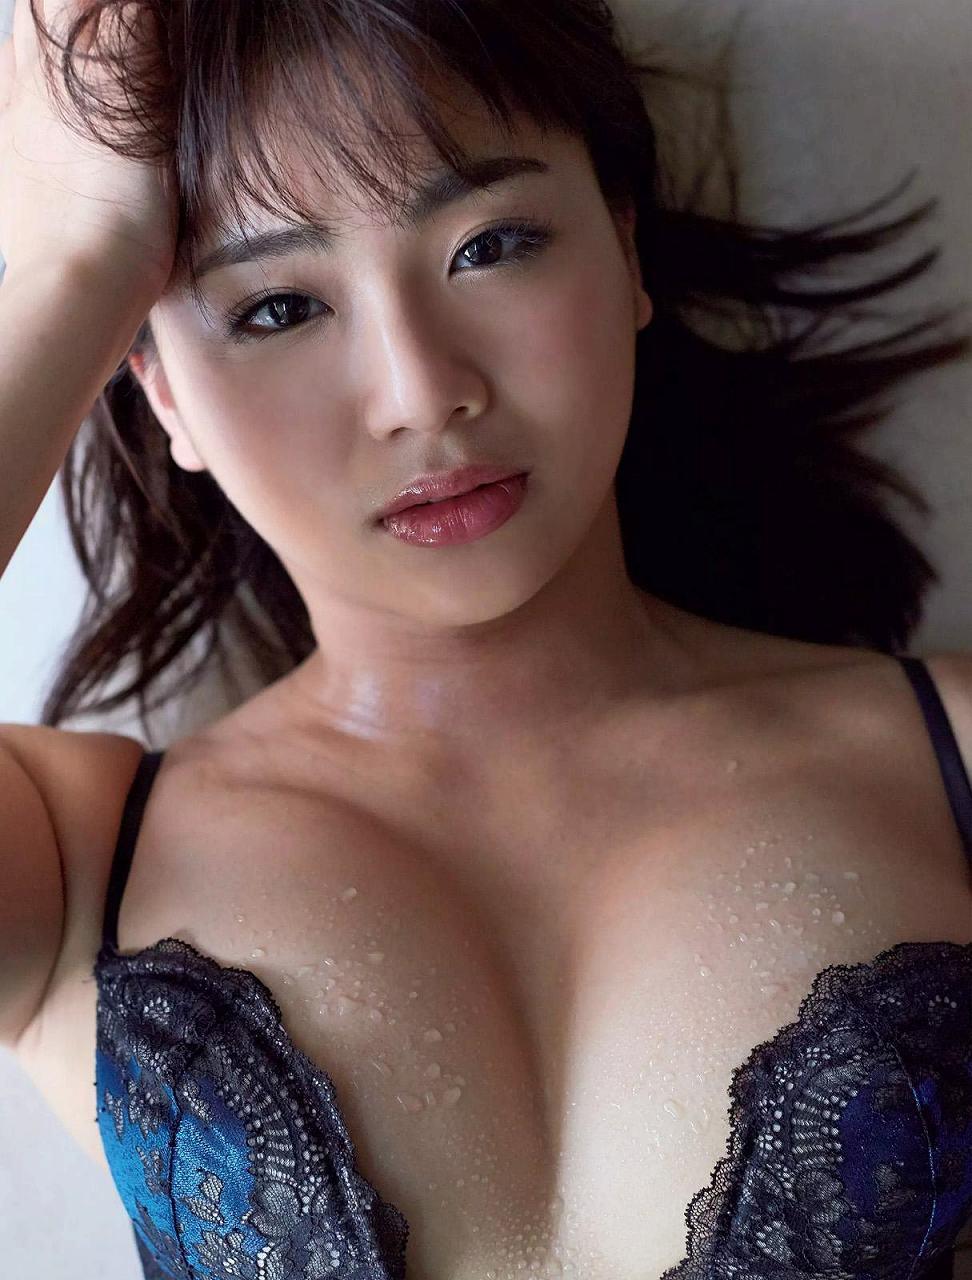 「週刊FLASH(フラッシュ) 2017年2月14日号」平嶋夏海の下着グラビア